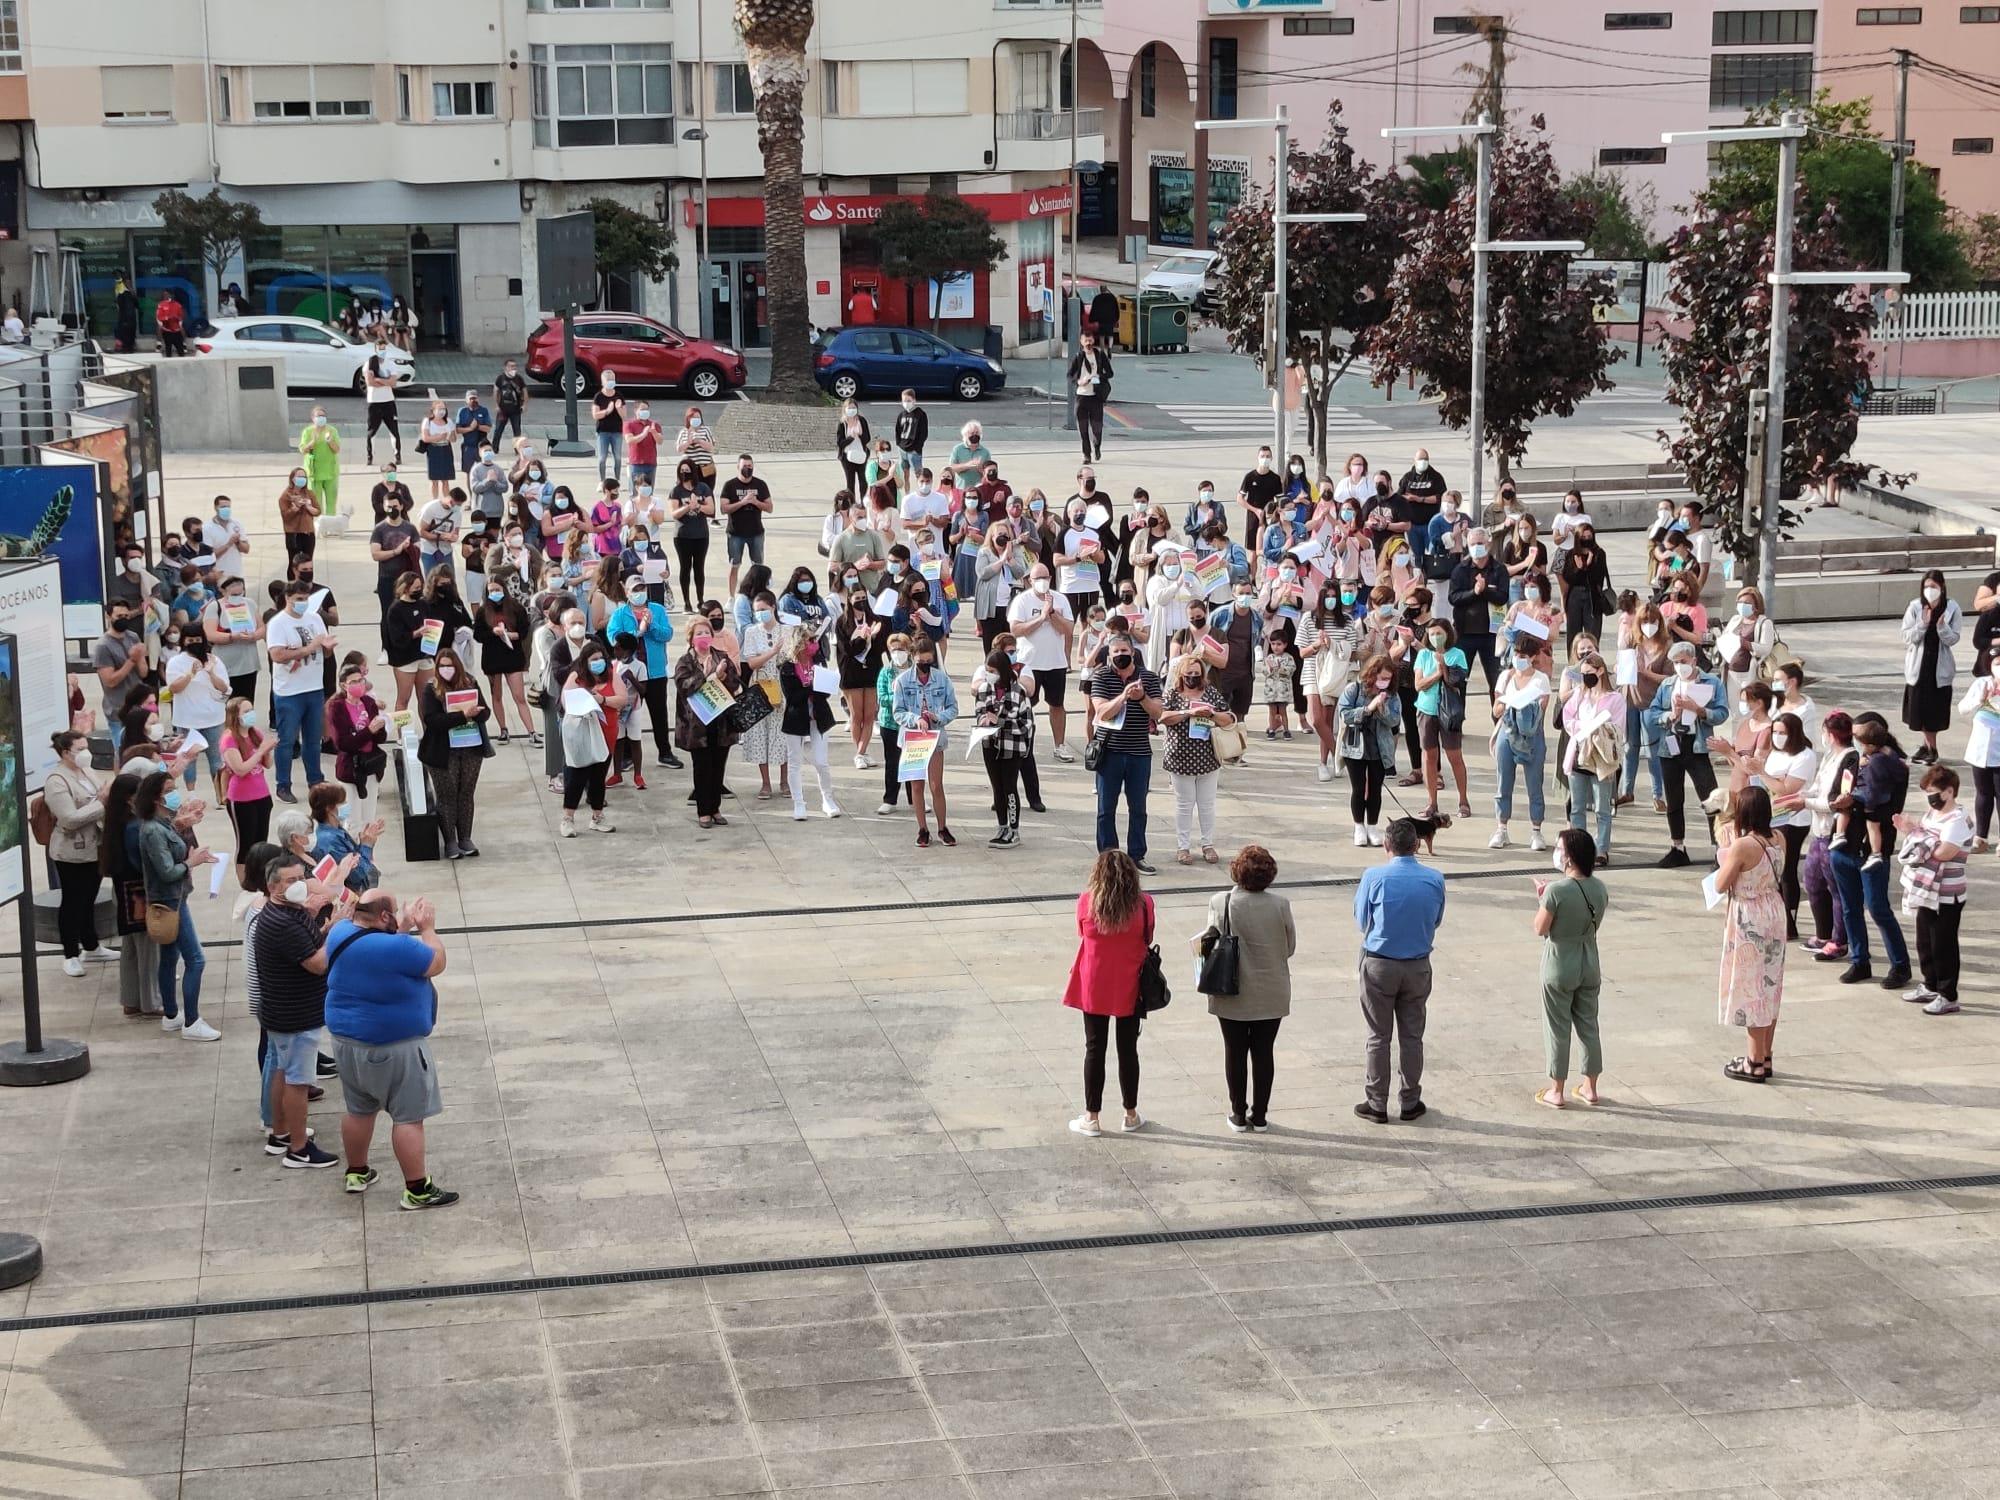 Ducias de persoas asistiron en Burela, na praza do Concello, á concentración convocada para amosar a repulsa ao asasinato de Samuel Luiz, cometido hai uns días na Coruña